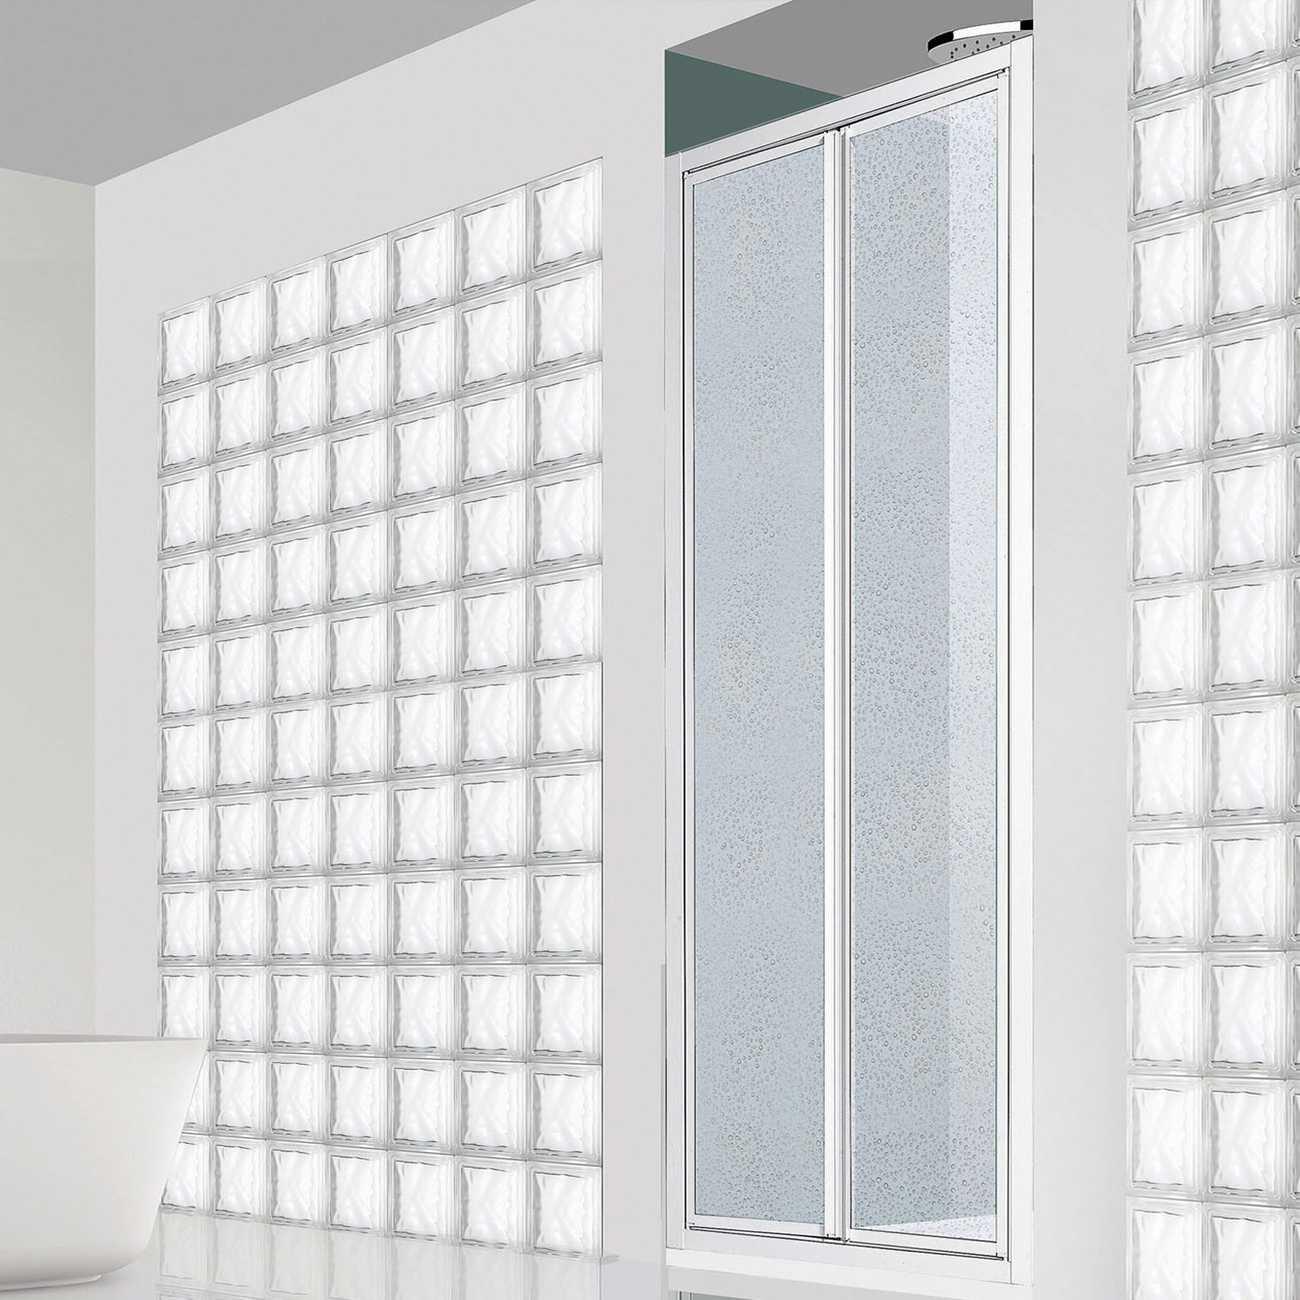 Porta doccia con apertura saloon per nicchia da 75 cm in alluminio e acrilico